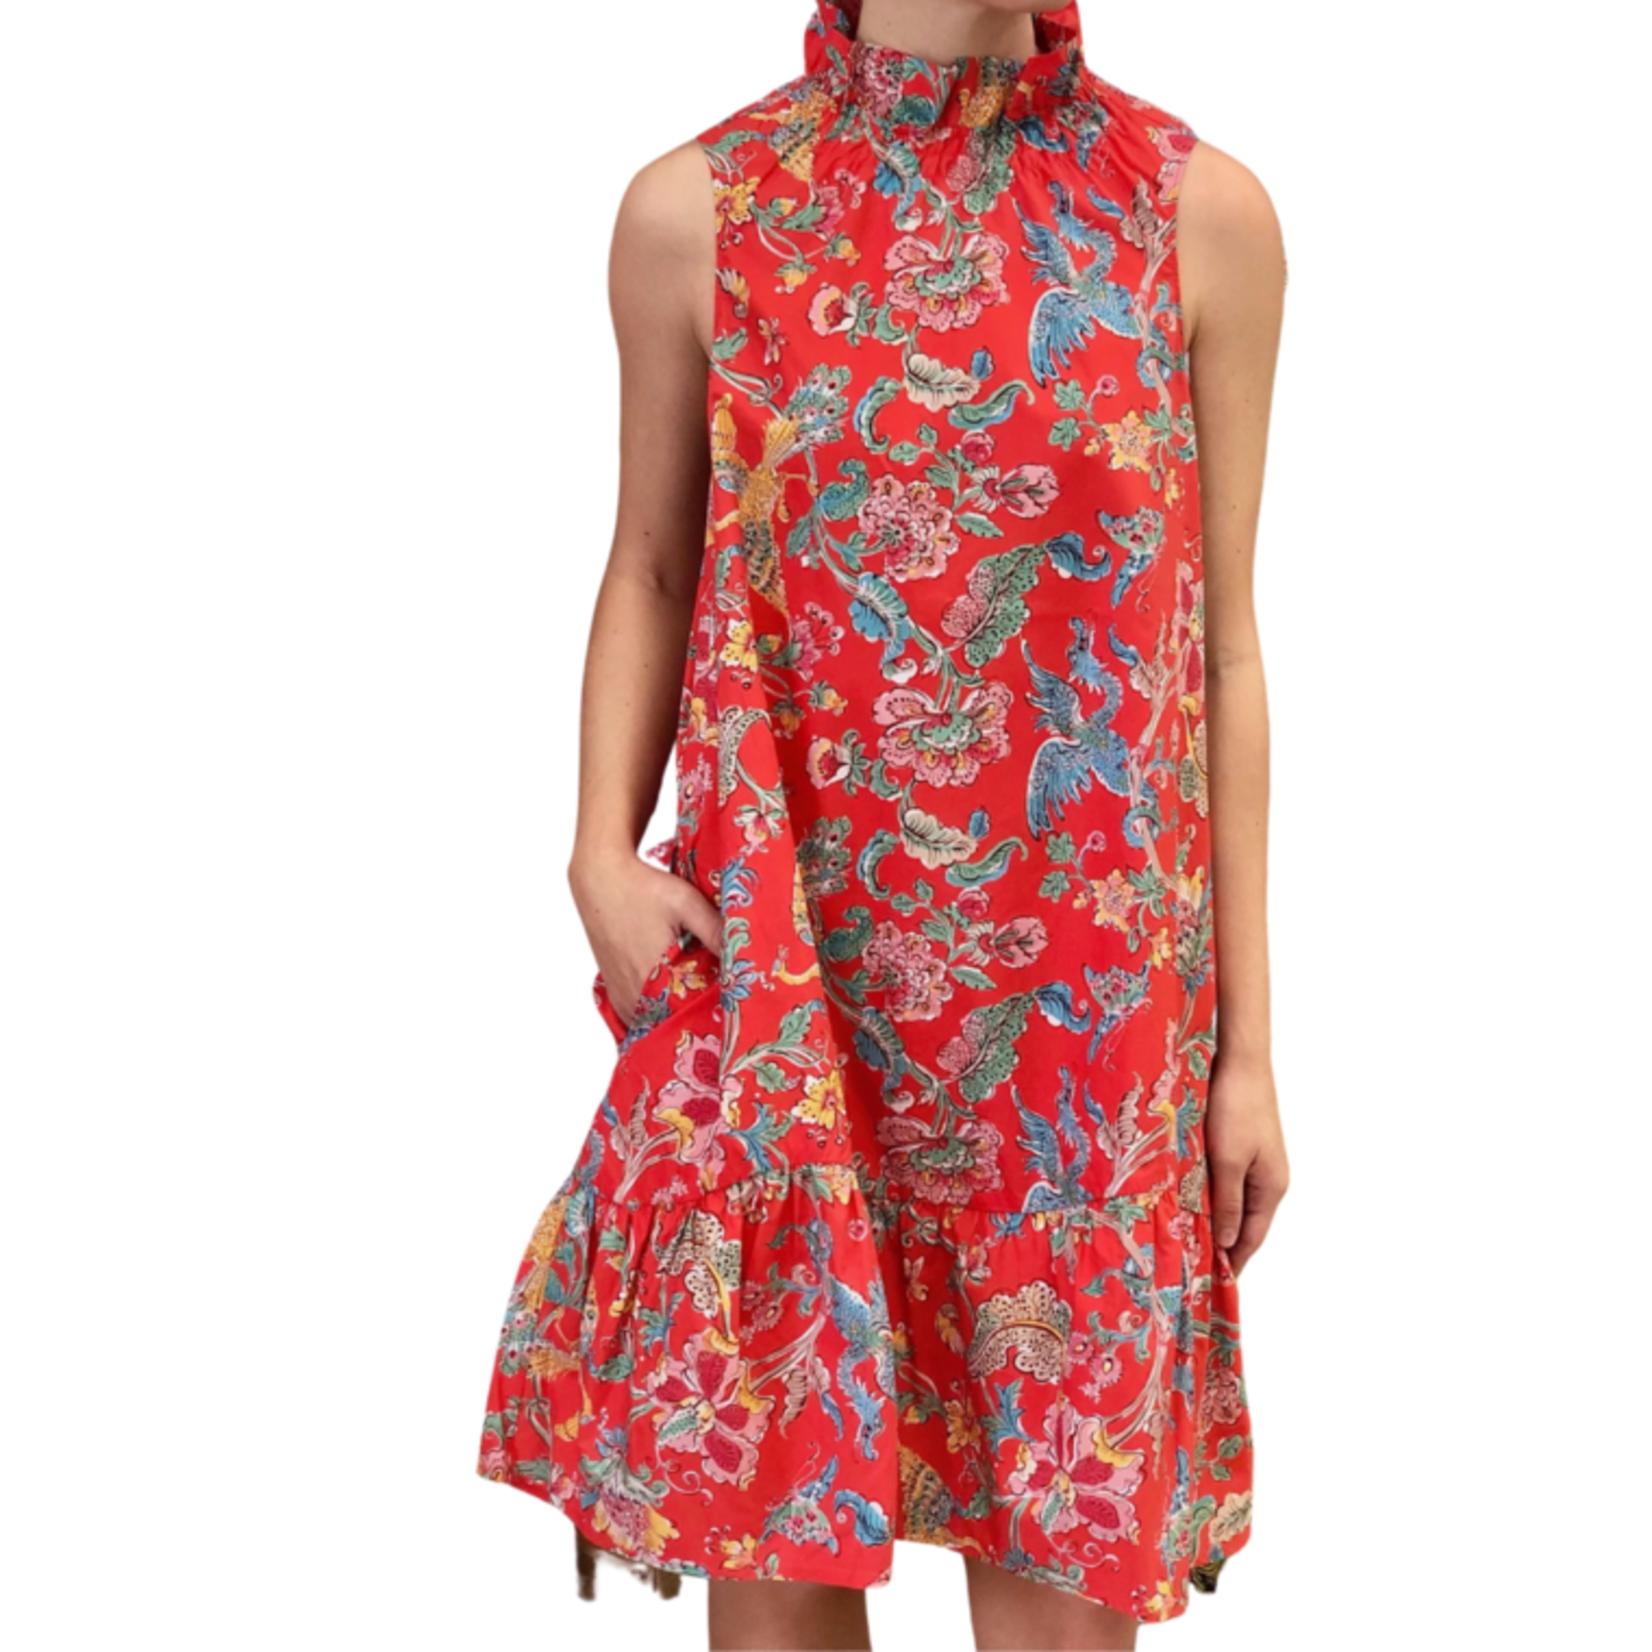 Tyler Boe Poppy Poplin Chinoiserie Print Dress